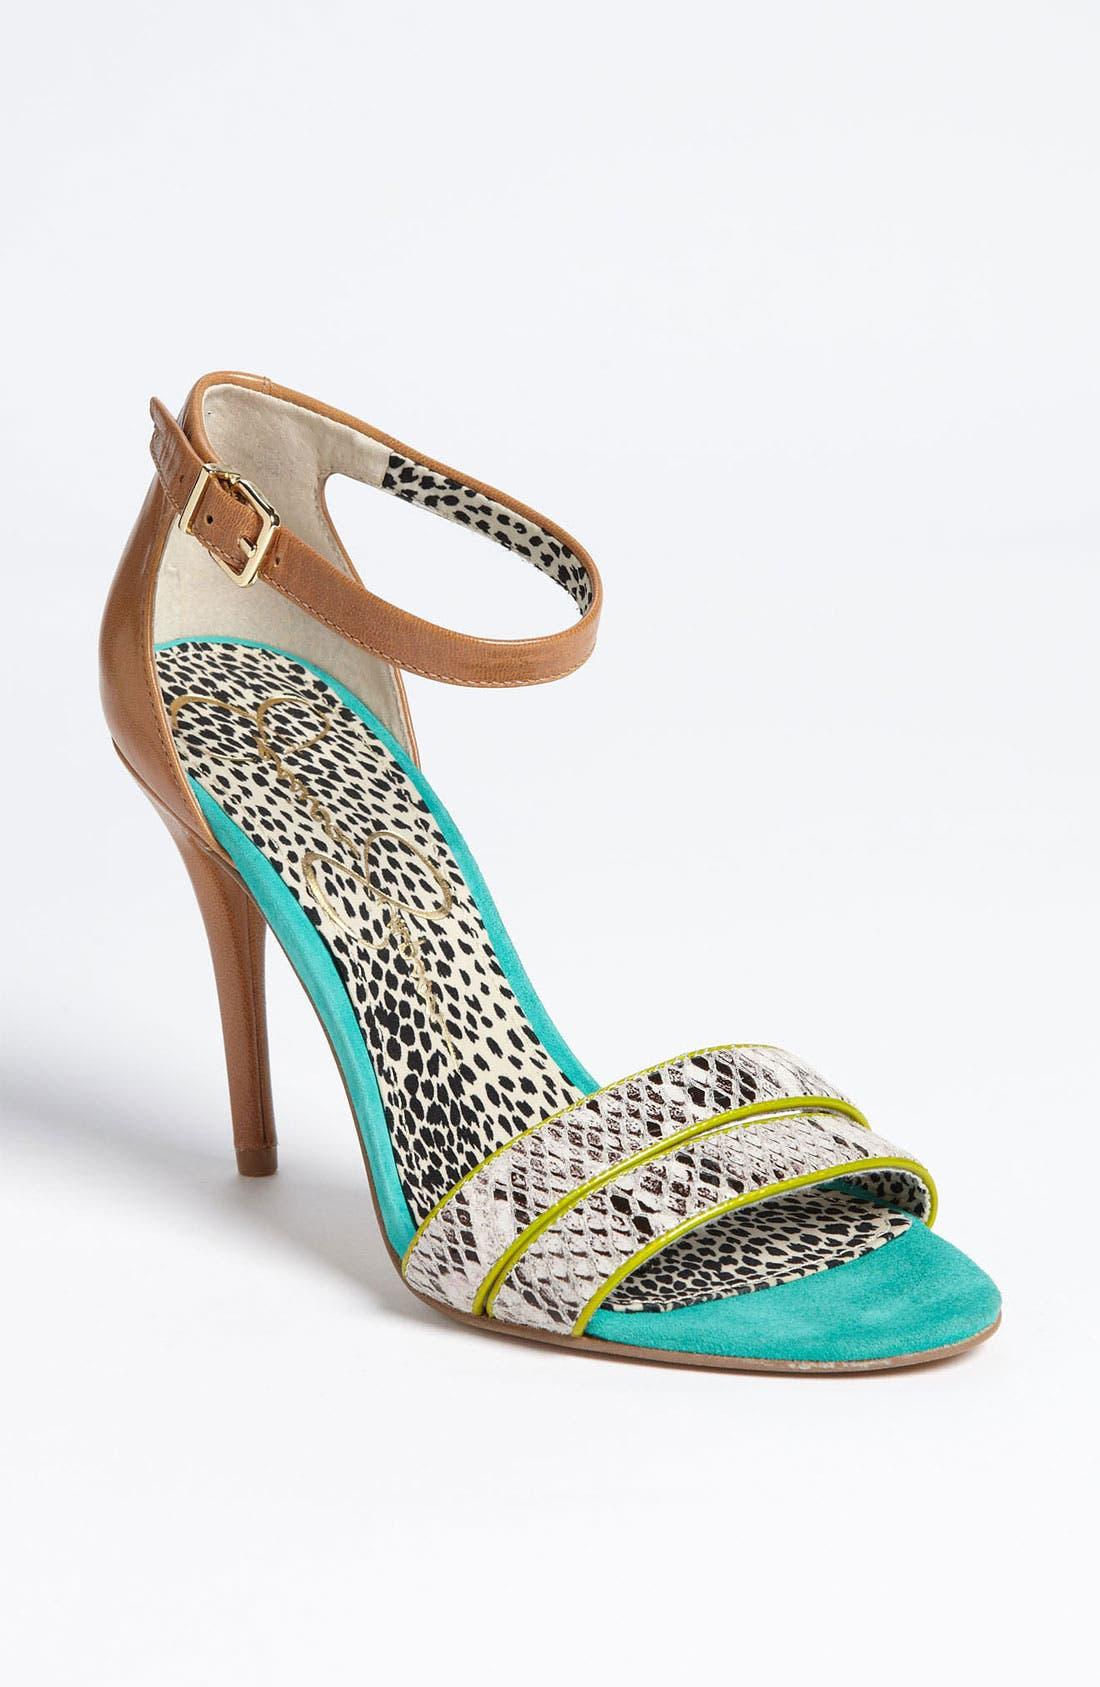 Main Image - Jessica Simpson 'Jessies' Sandal